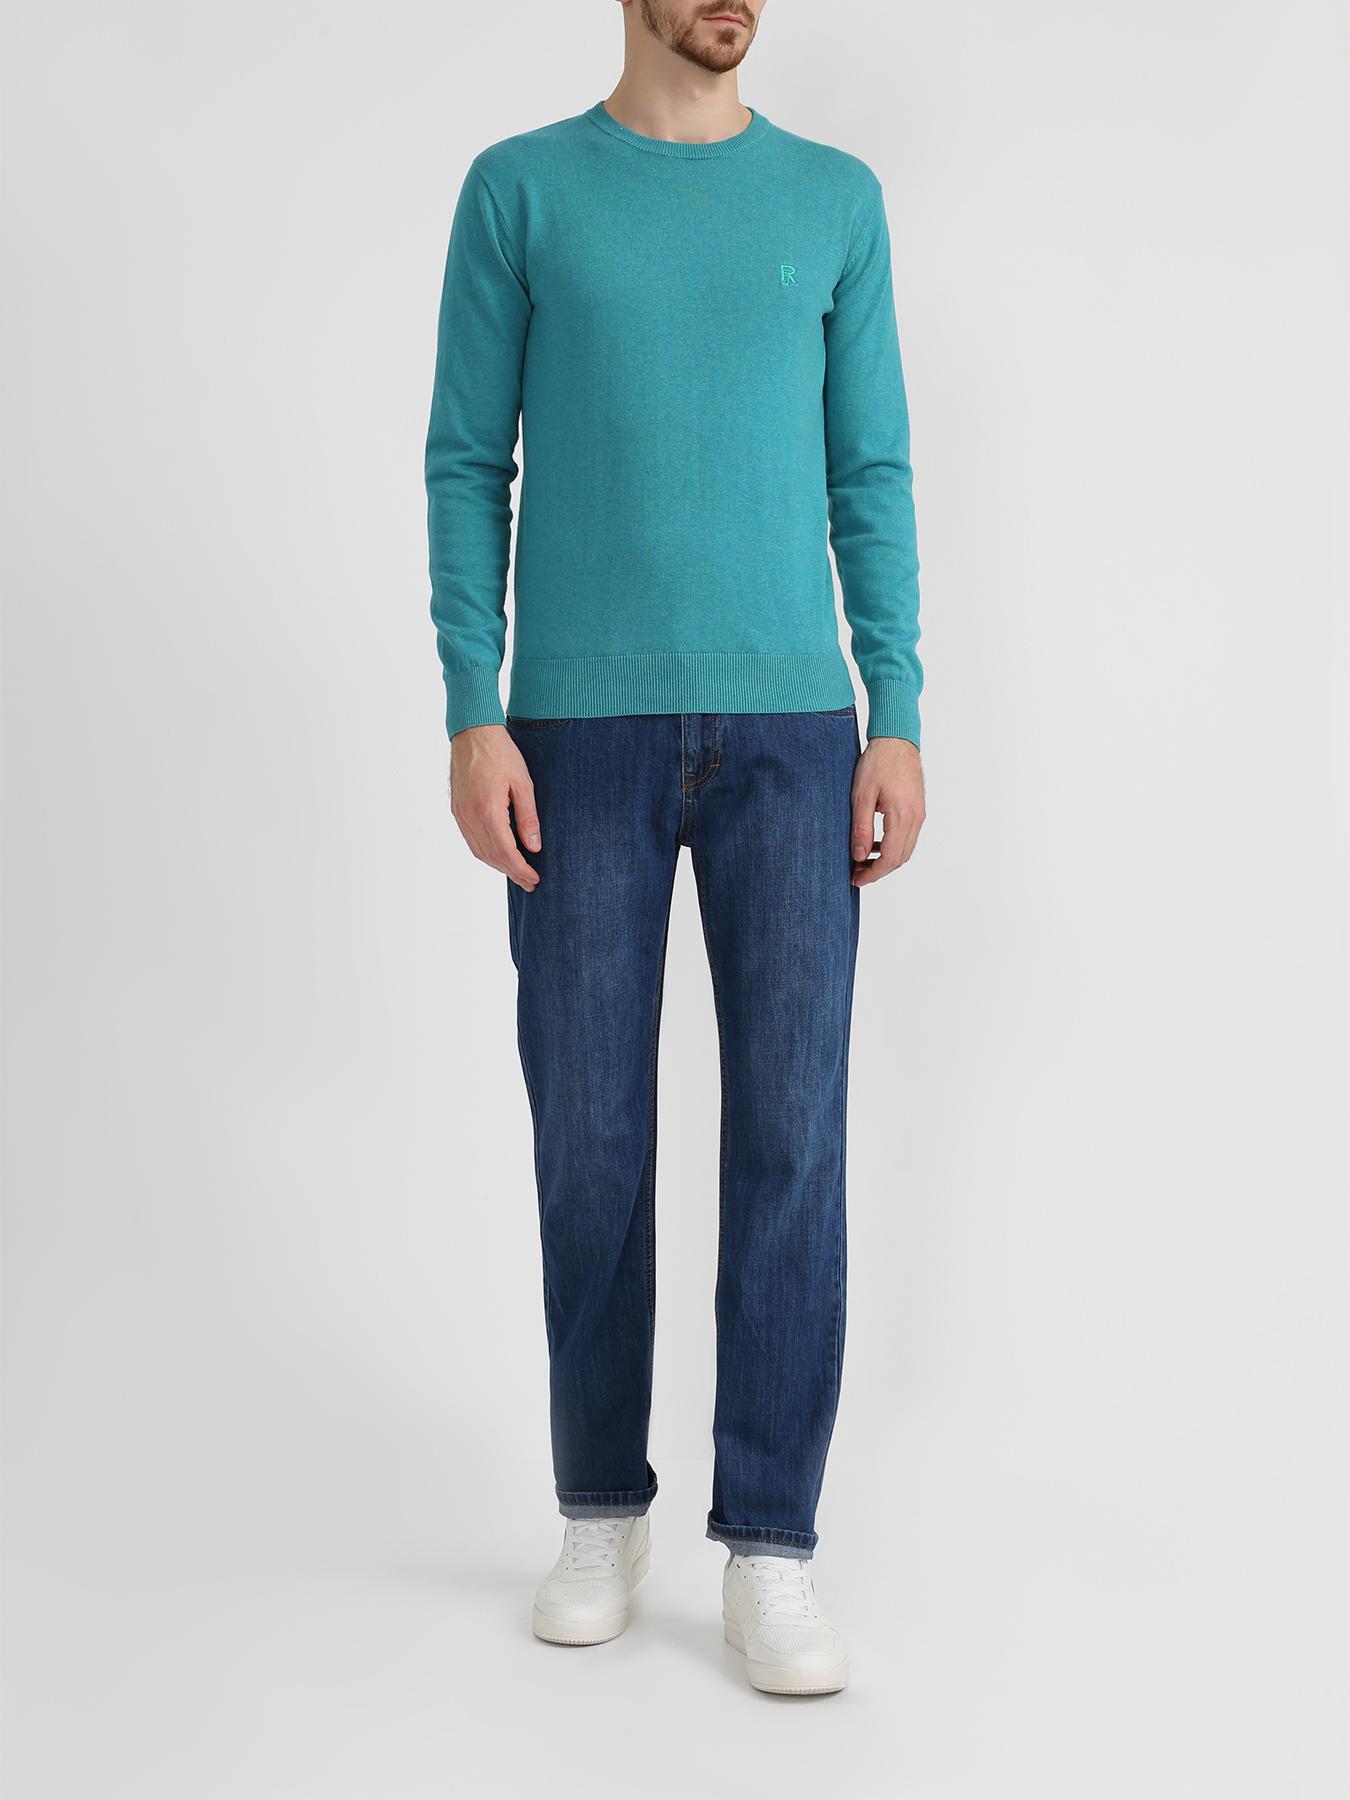 Фото - Брюки Alessandro Manzoni Мужские джинсы джинсы мужские prps fury